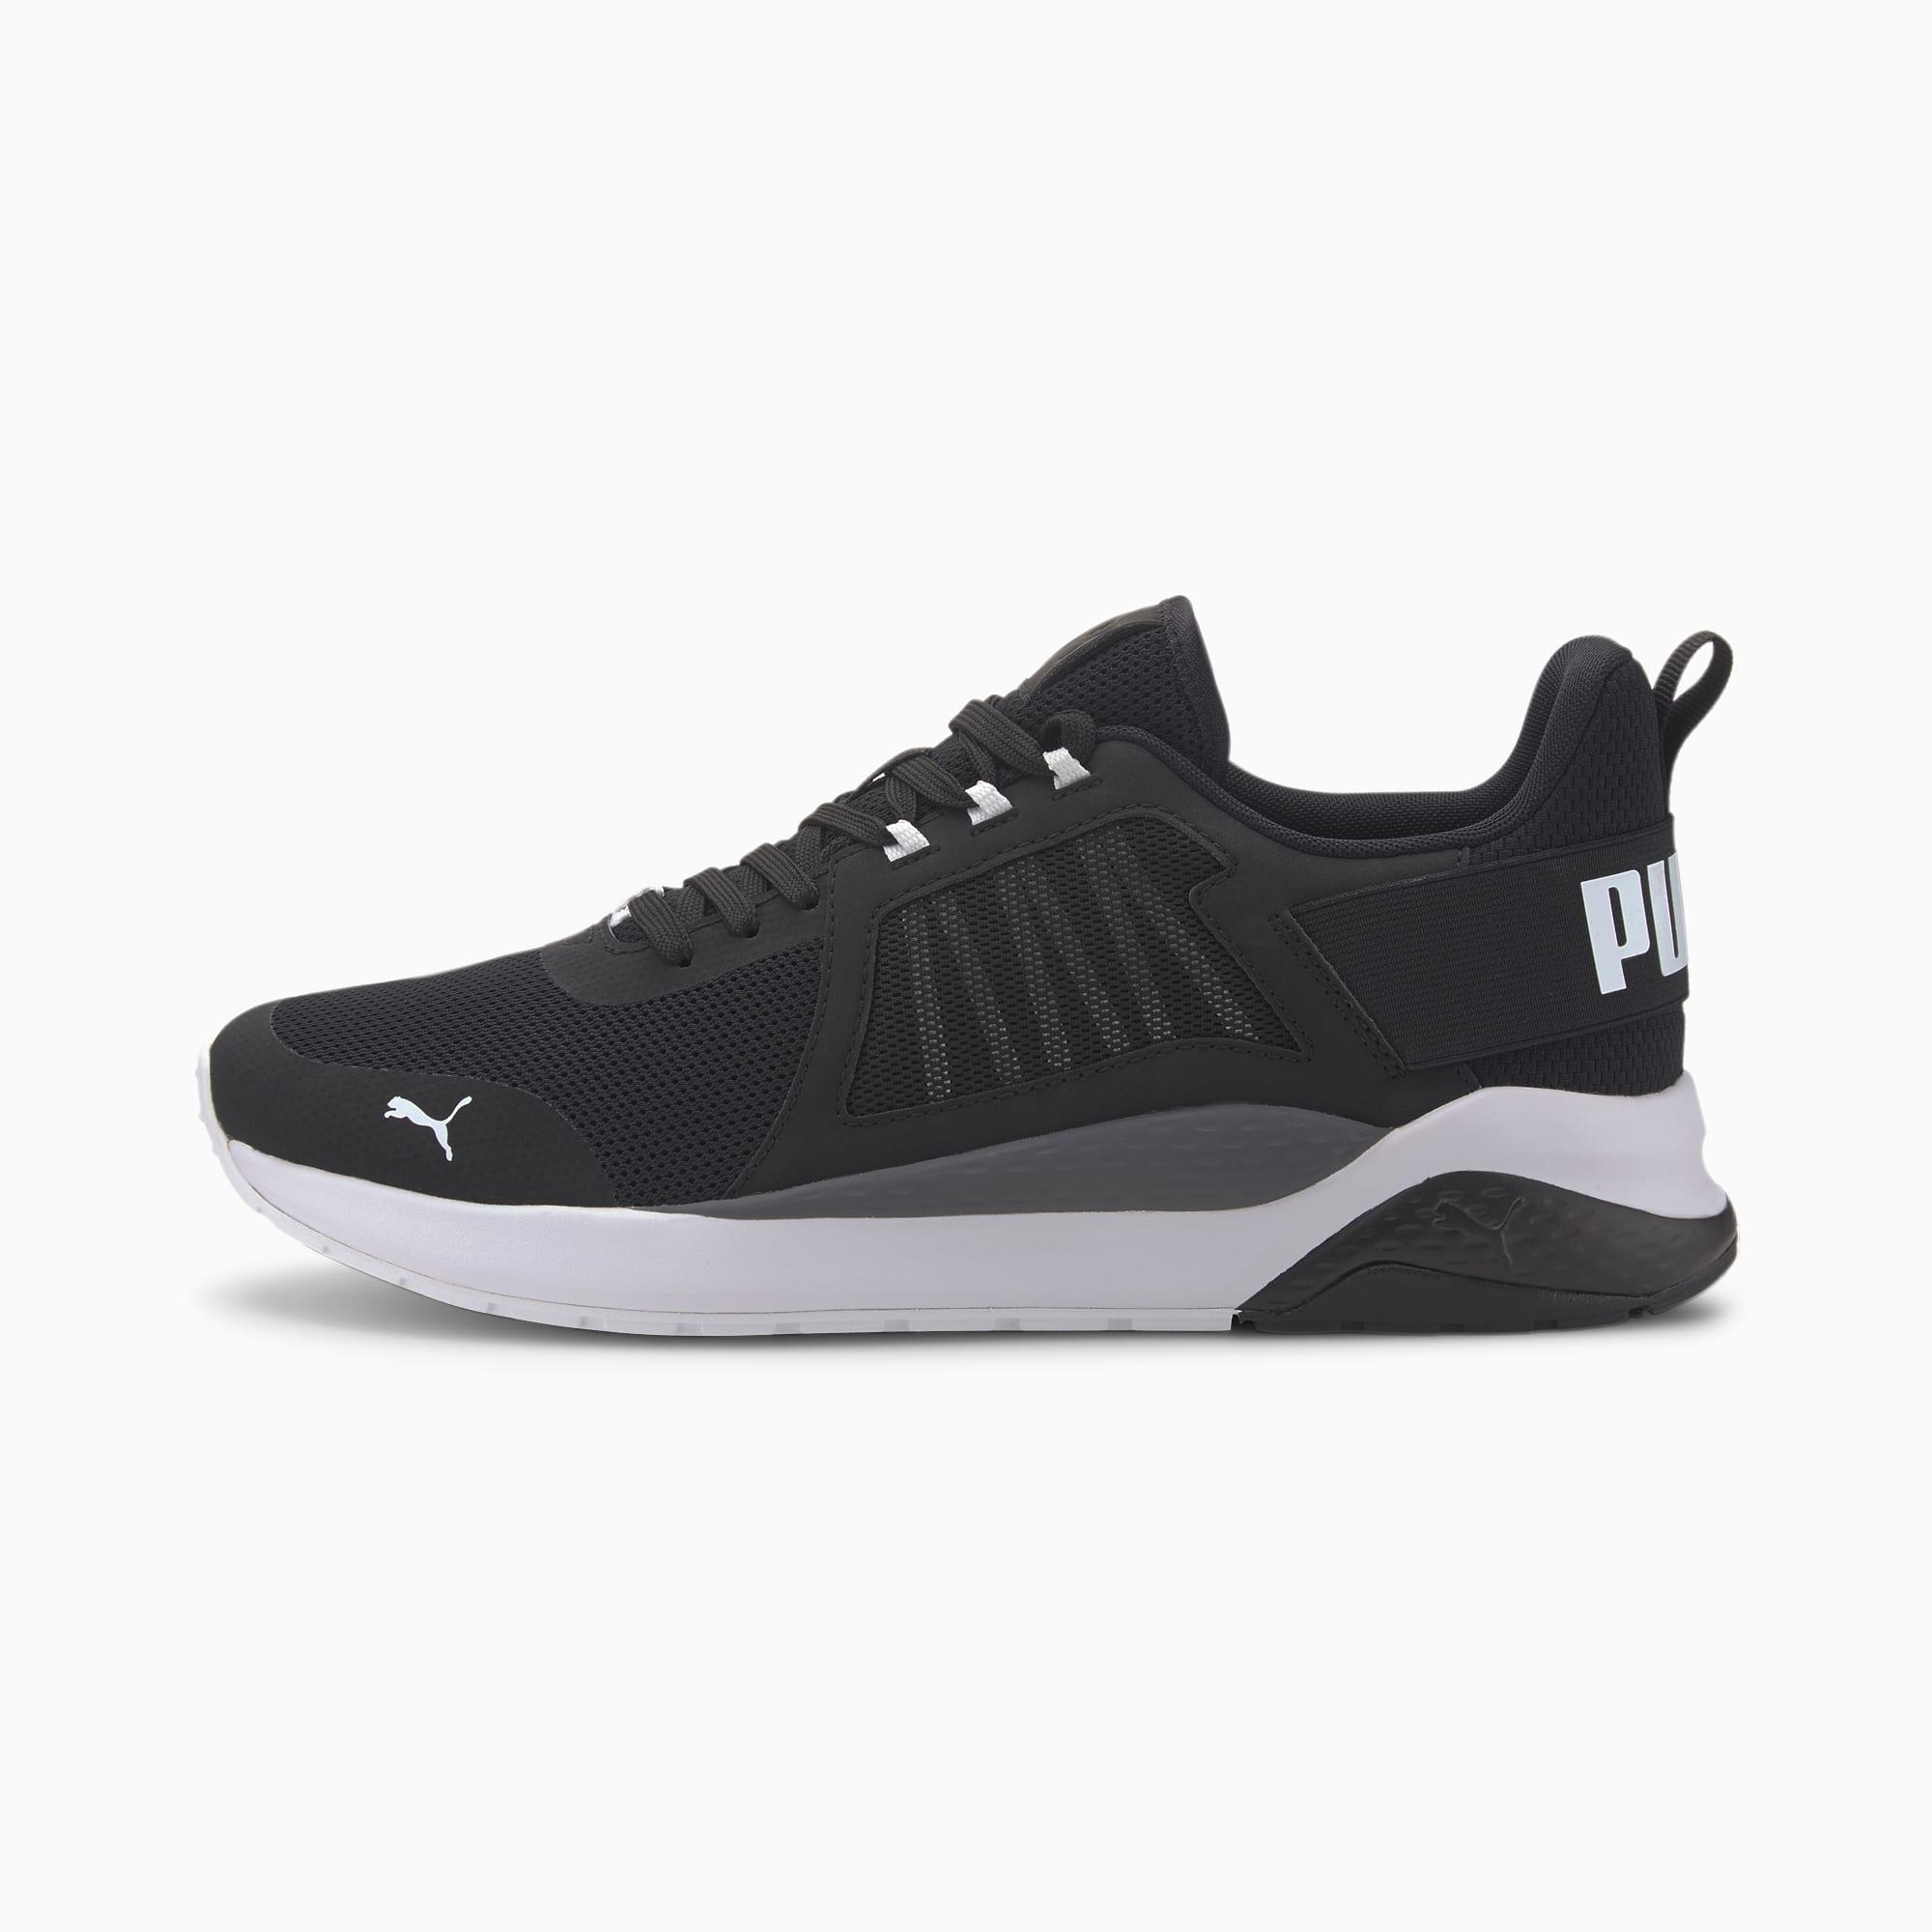 Anzarun sportschoenen, Wit/Zwart, Maat 40,5   PUMA